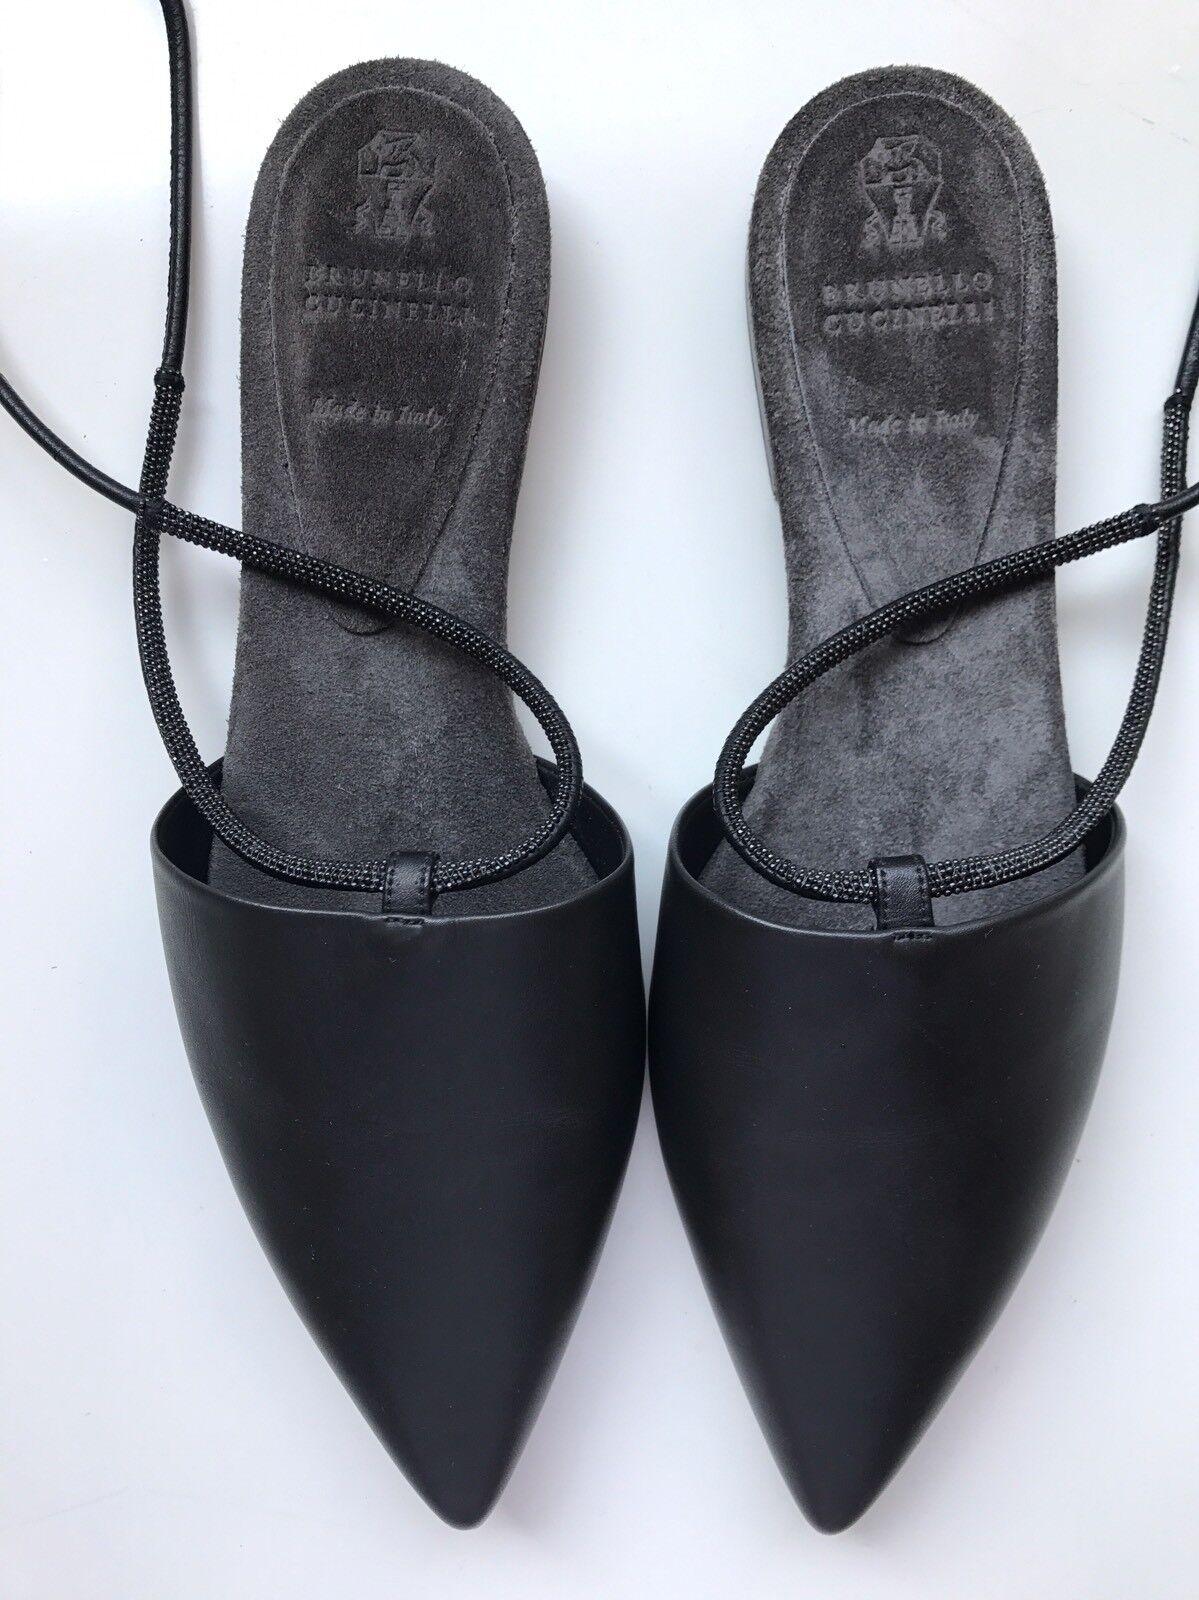 auth brunello cucinelli mois sangles en cuir chaussures noir d orsay des chaussures  cuir plates 38d7c0c8aeb7